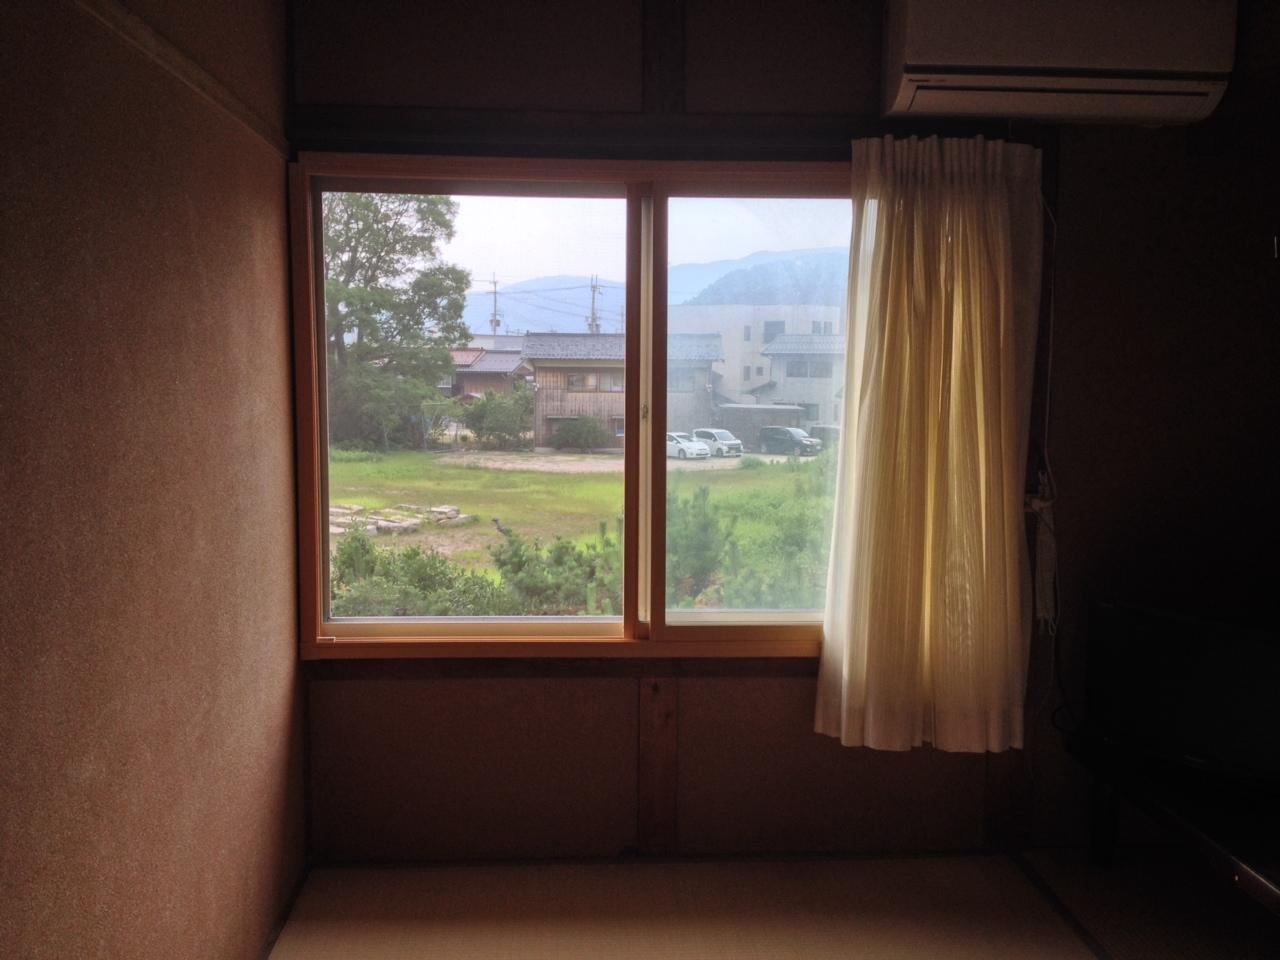 竹波の民宿の窓から